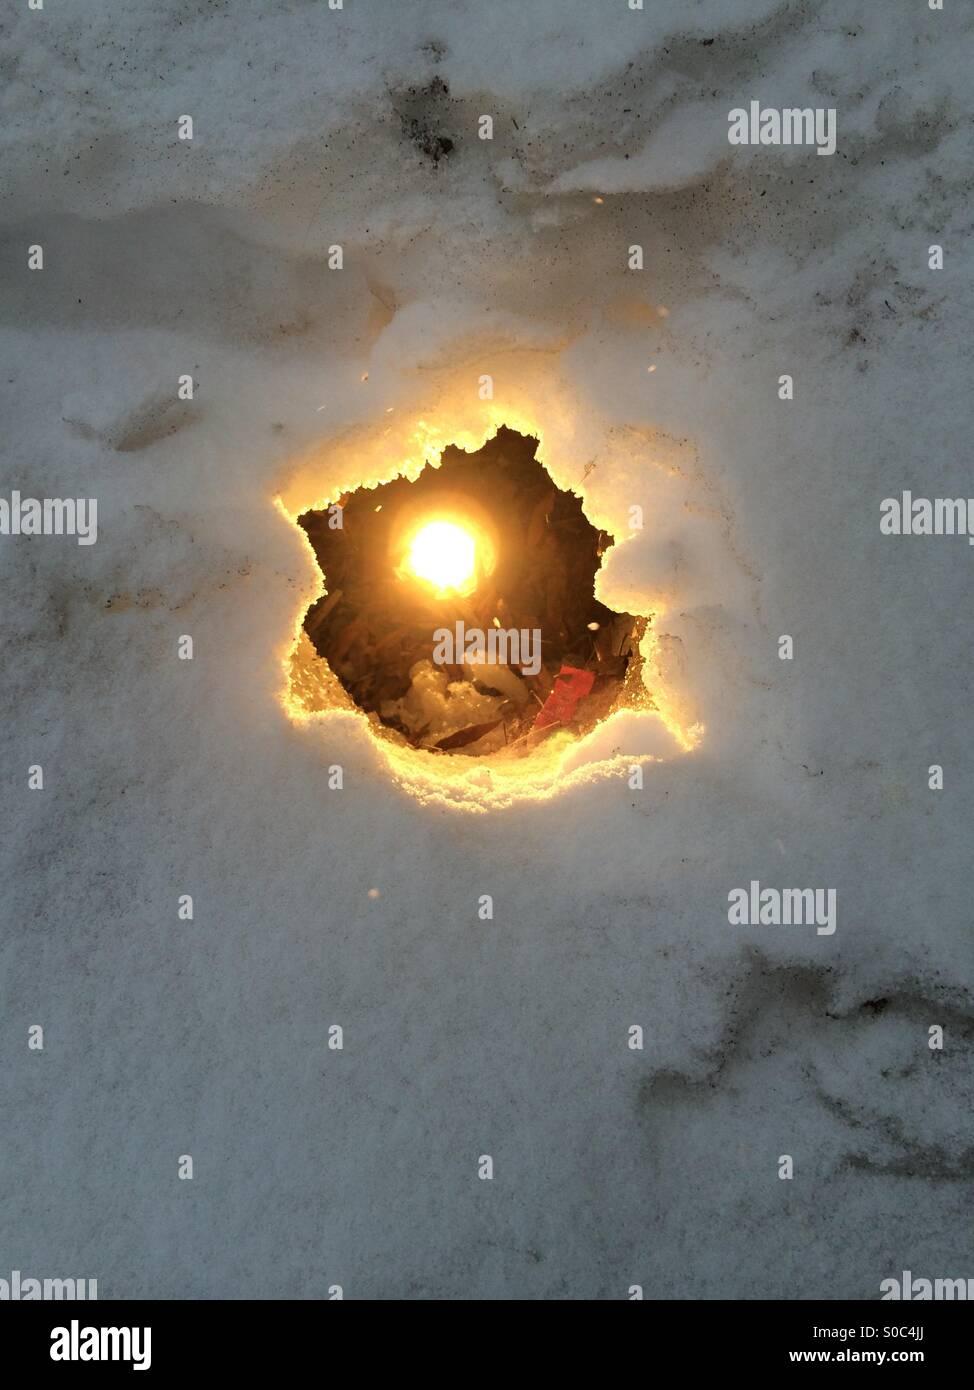 La lumière dans la neige Photo Stock